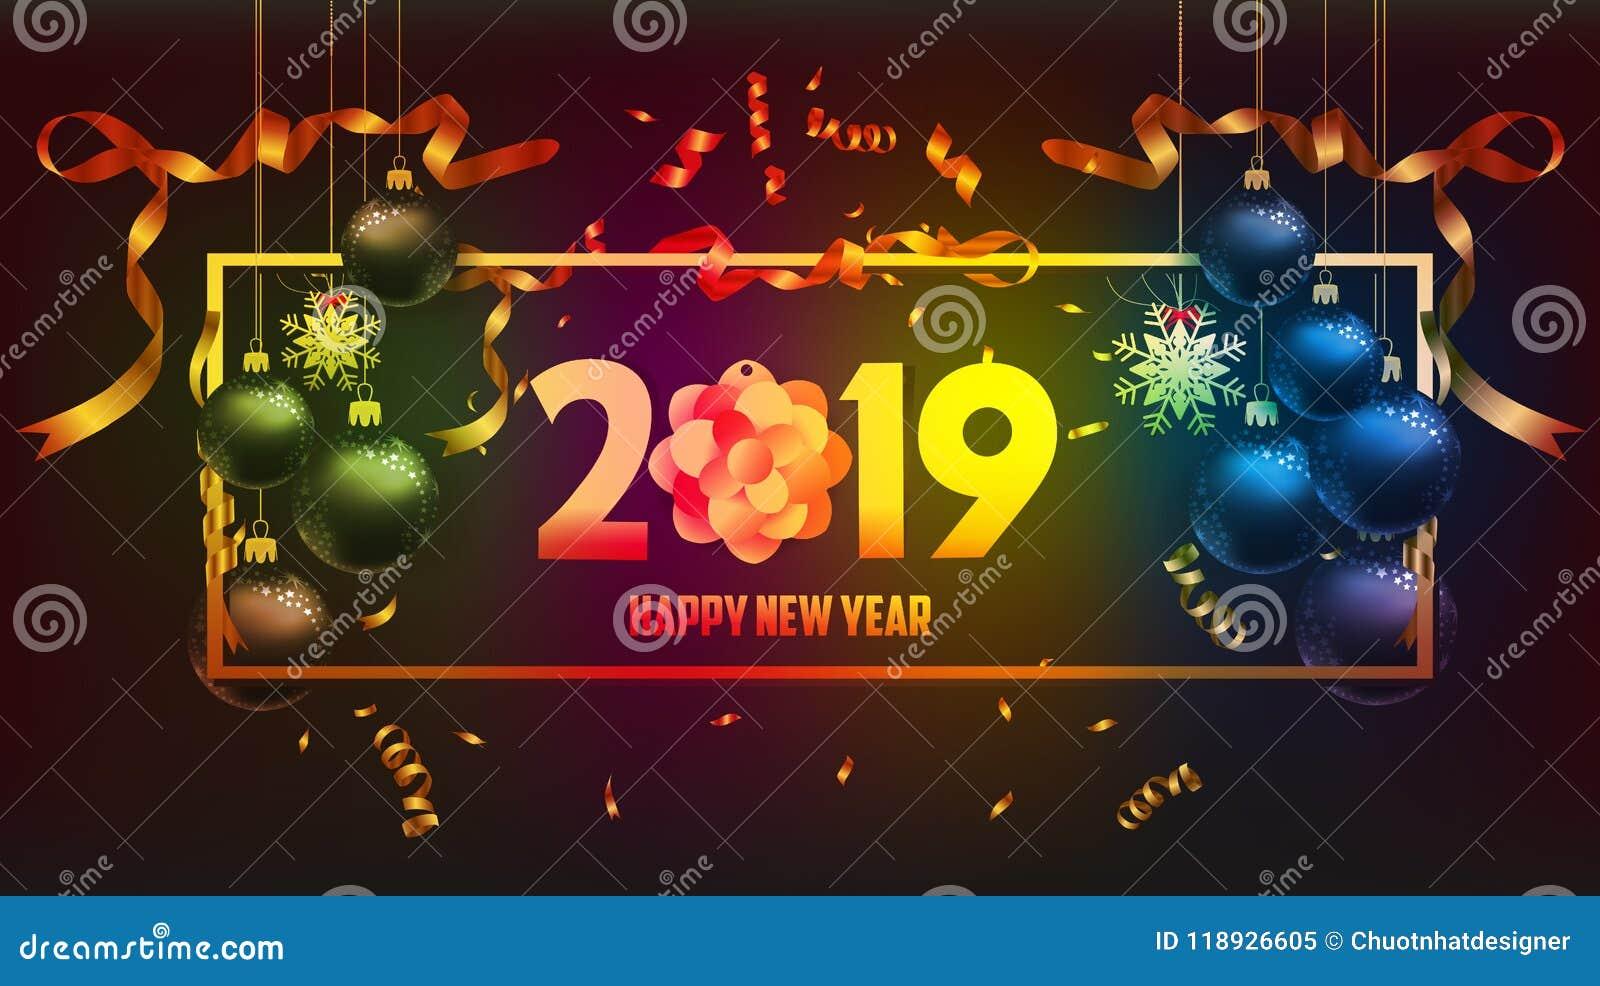 Διανυσματική απεικόνιση θέσης χρωμάτων καλής χρονιάς 2019 της χρυσής και μαύρης για τις σφαίρες Χριστουγέννων κειμένων